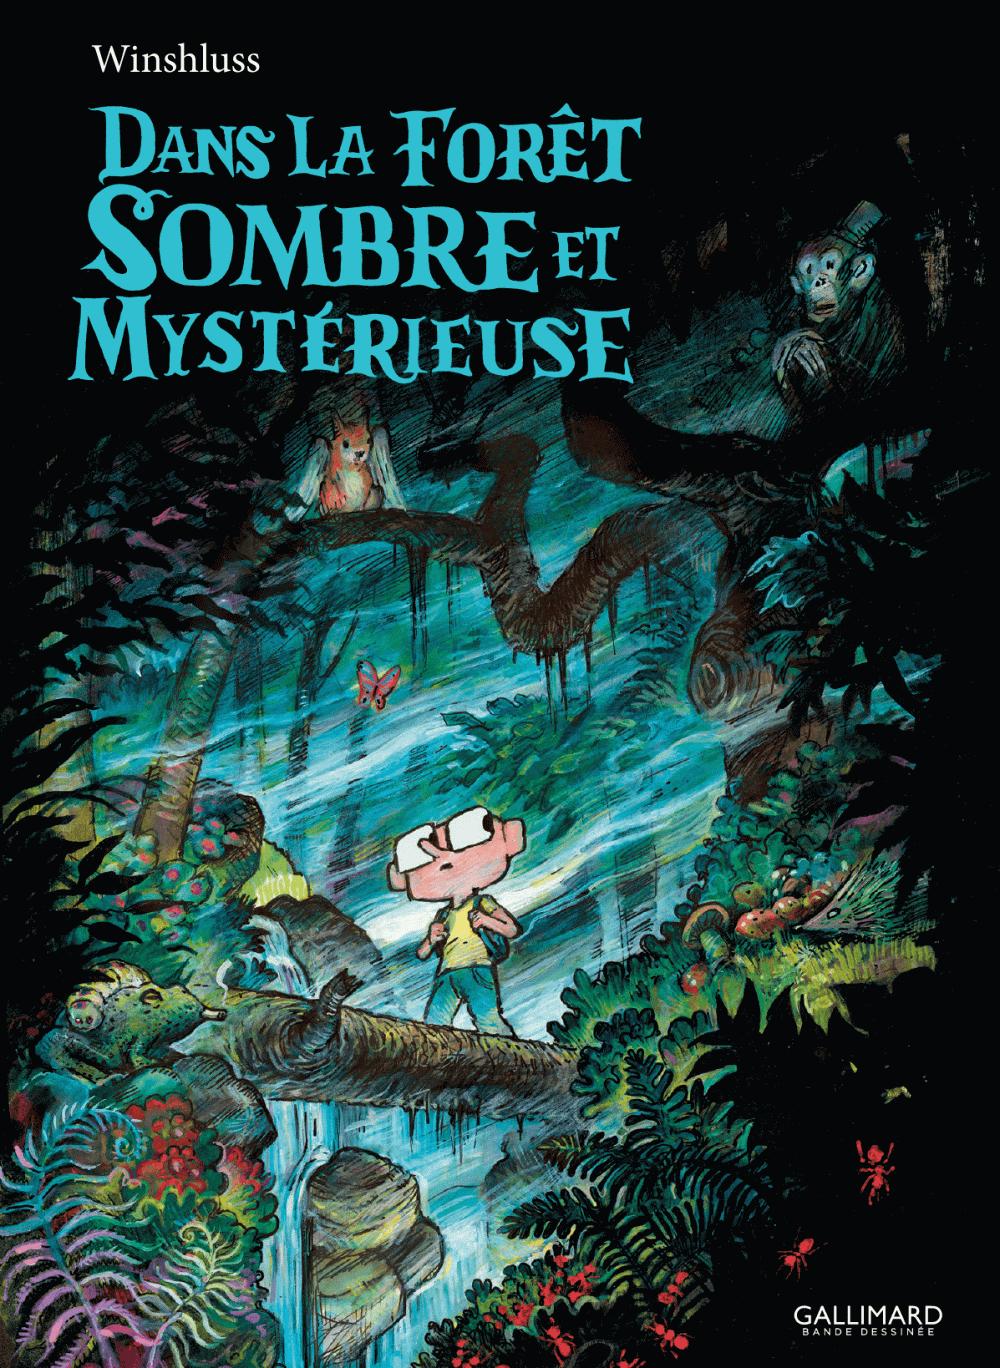 Dans la forêt sombre et mystérieuse |